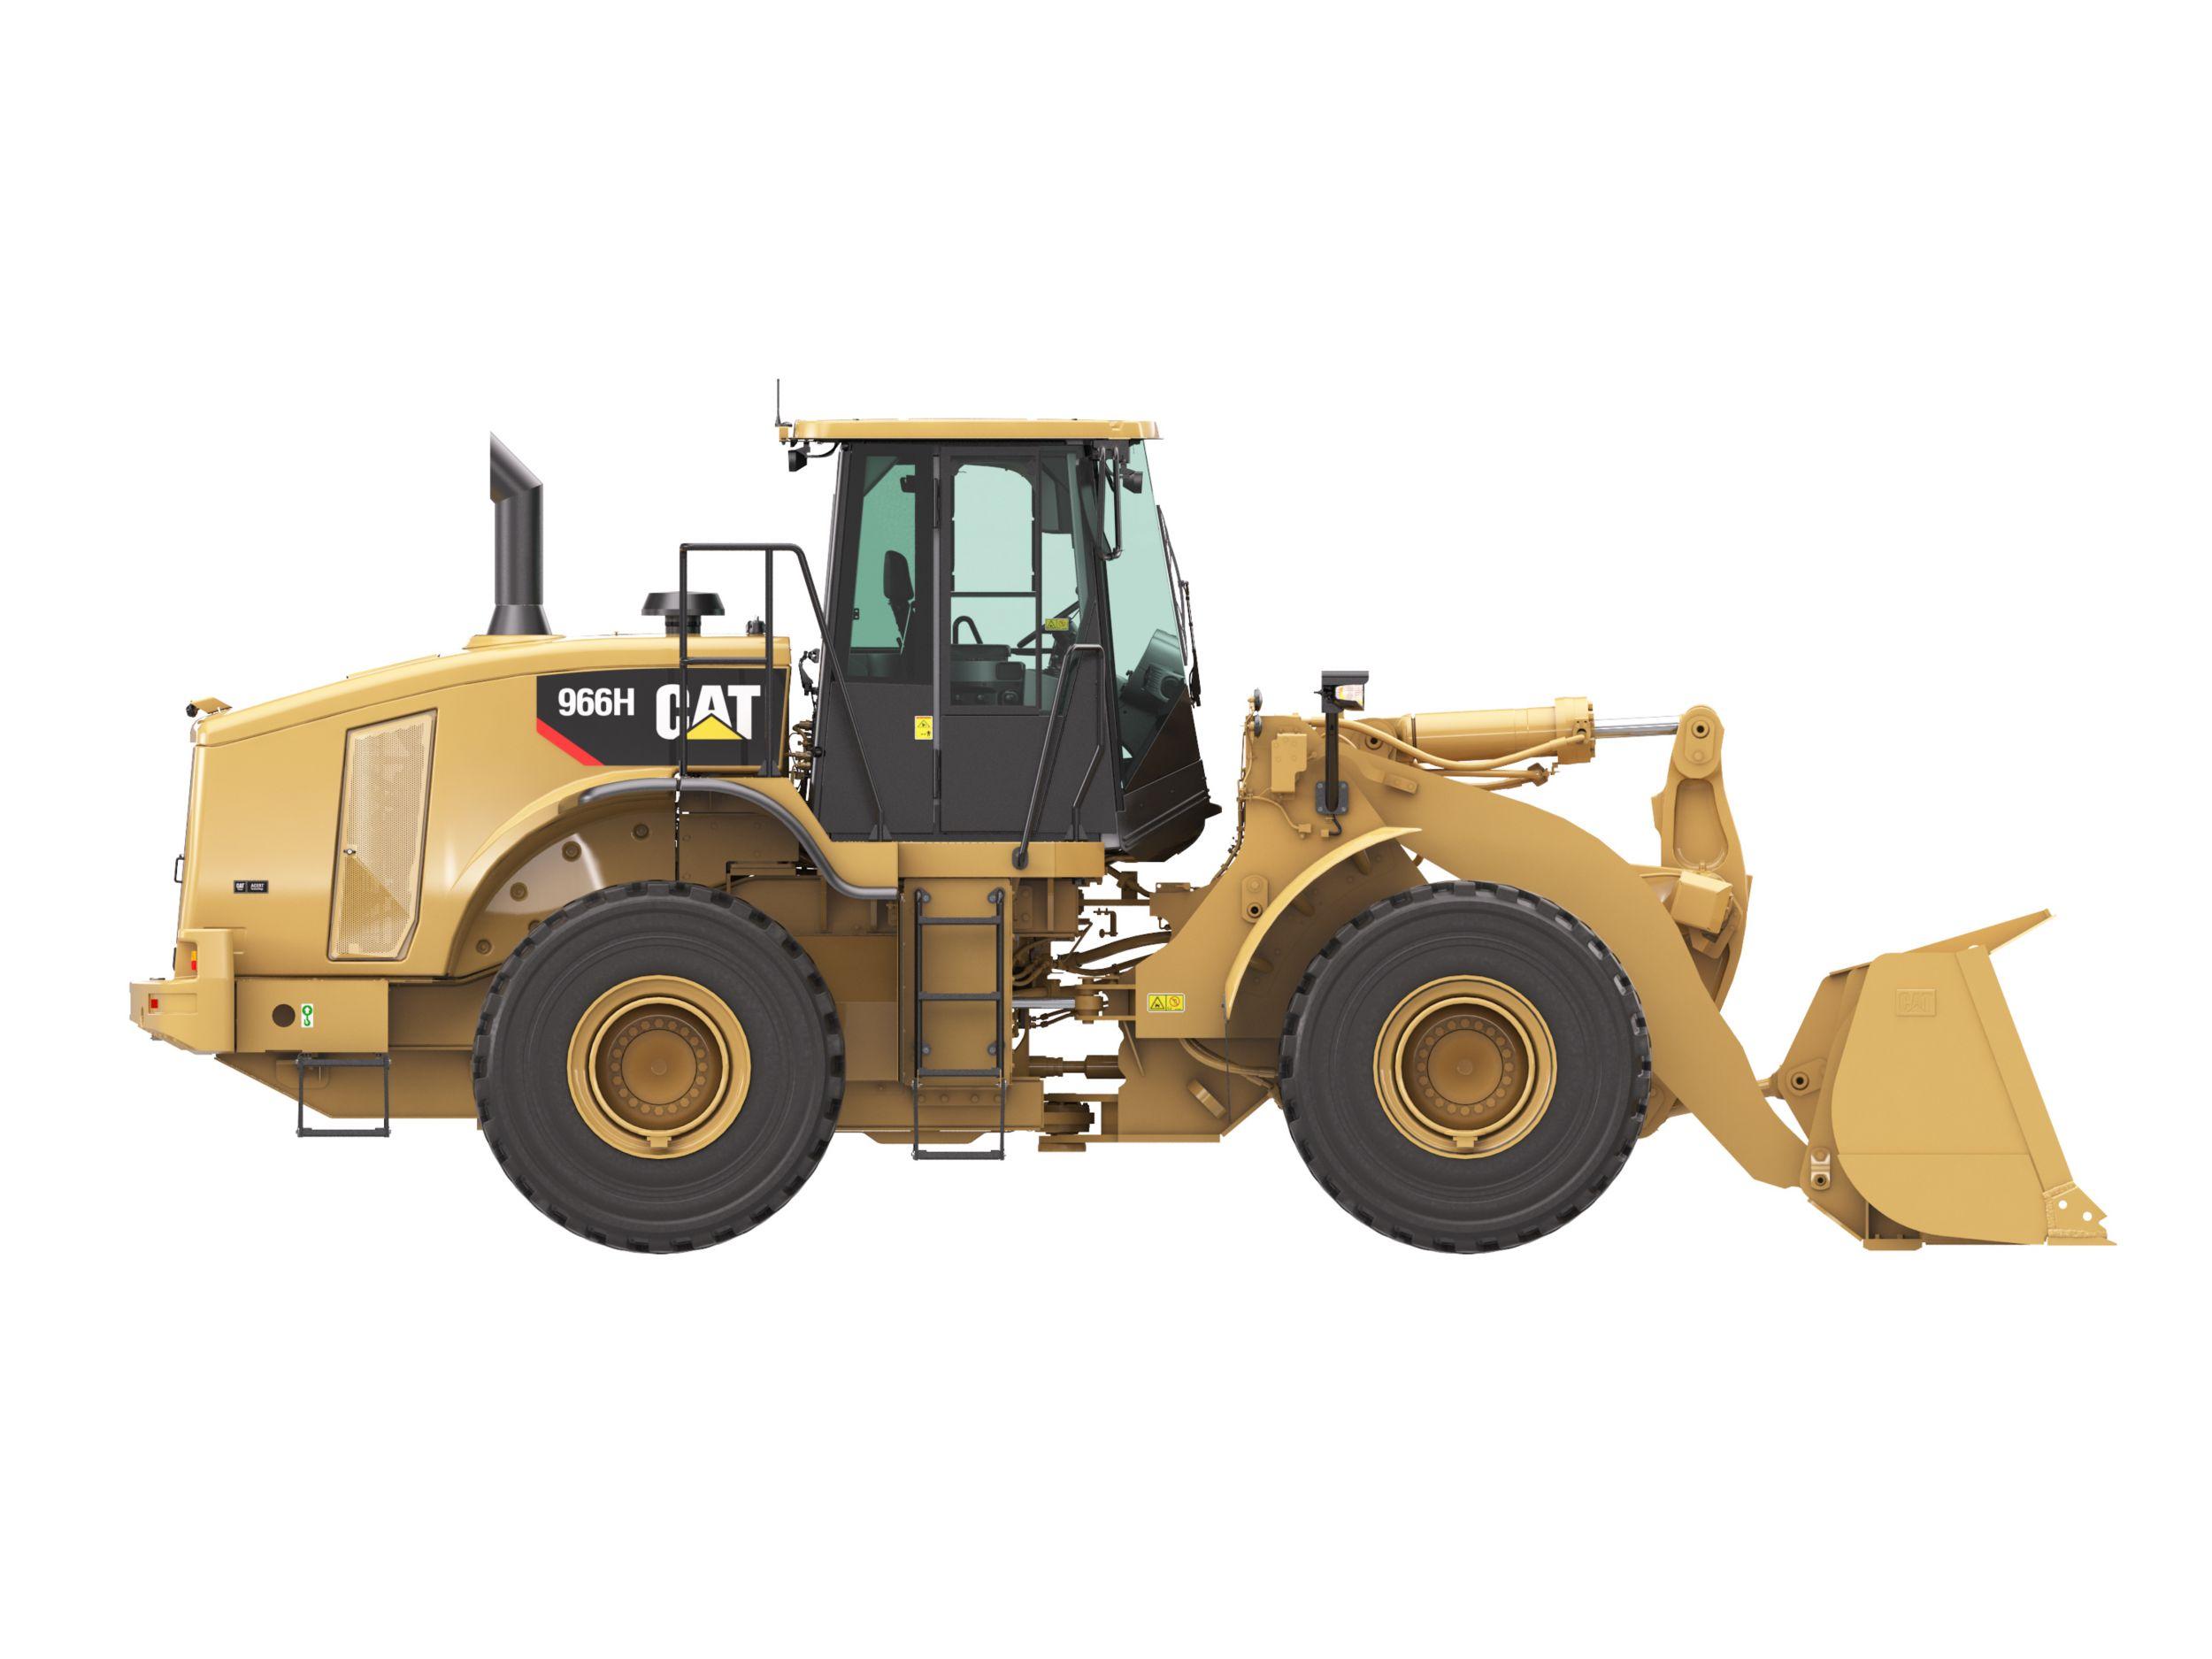 966H Medium Wheel Loader